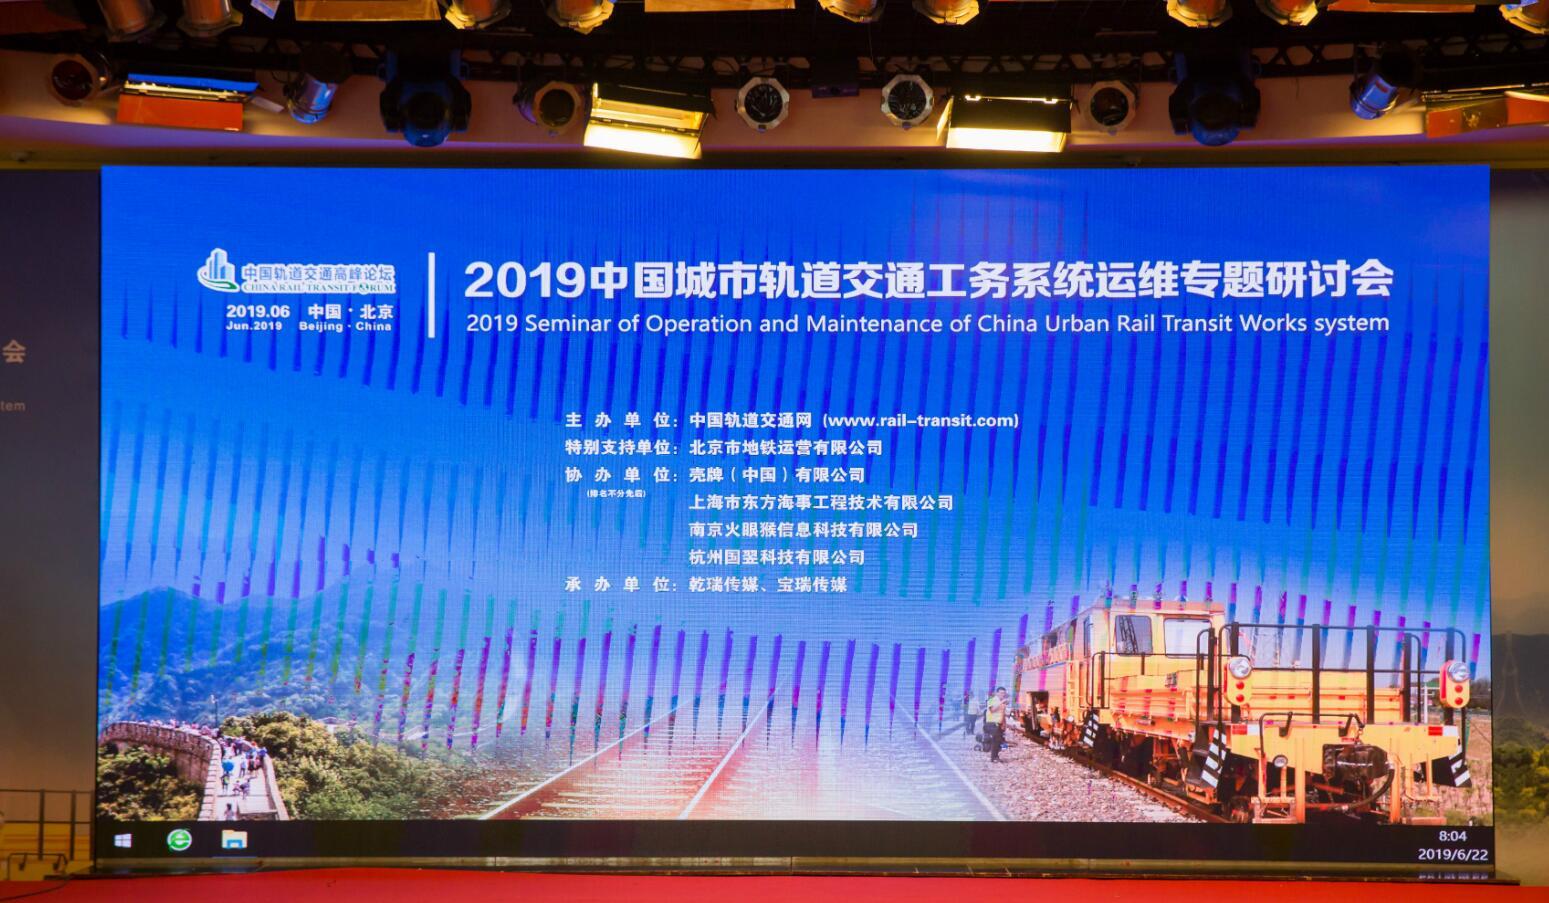 2019中国城市轨道交通车辆运维专业研讨会成功召开